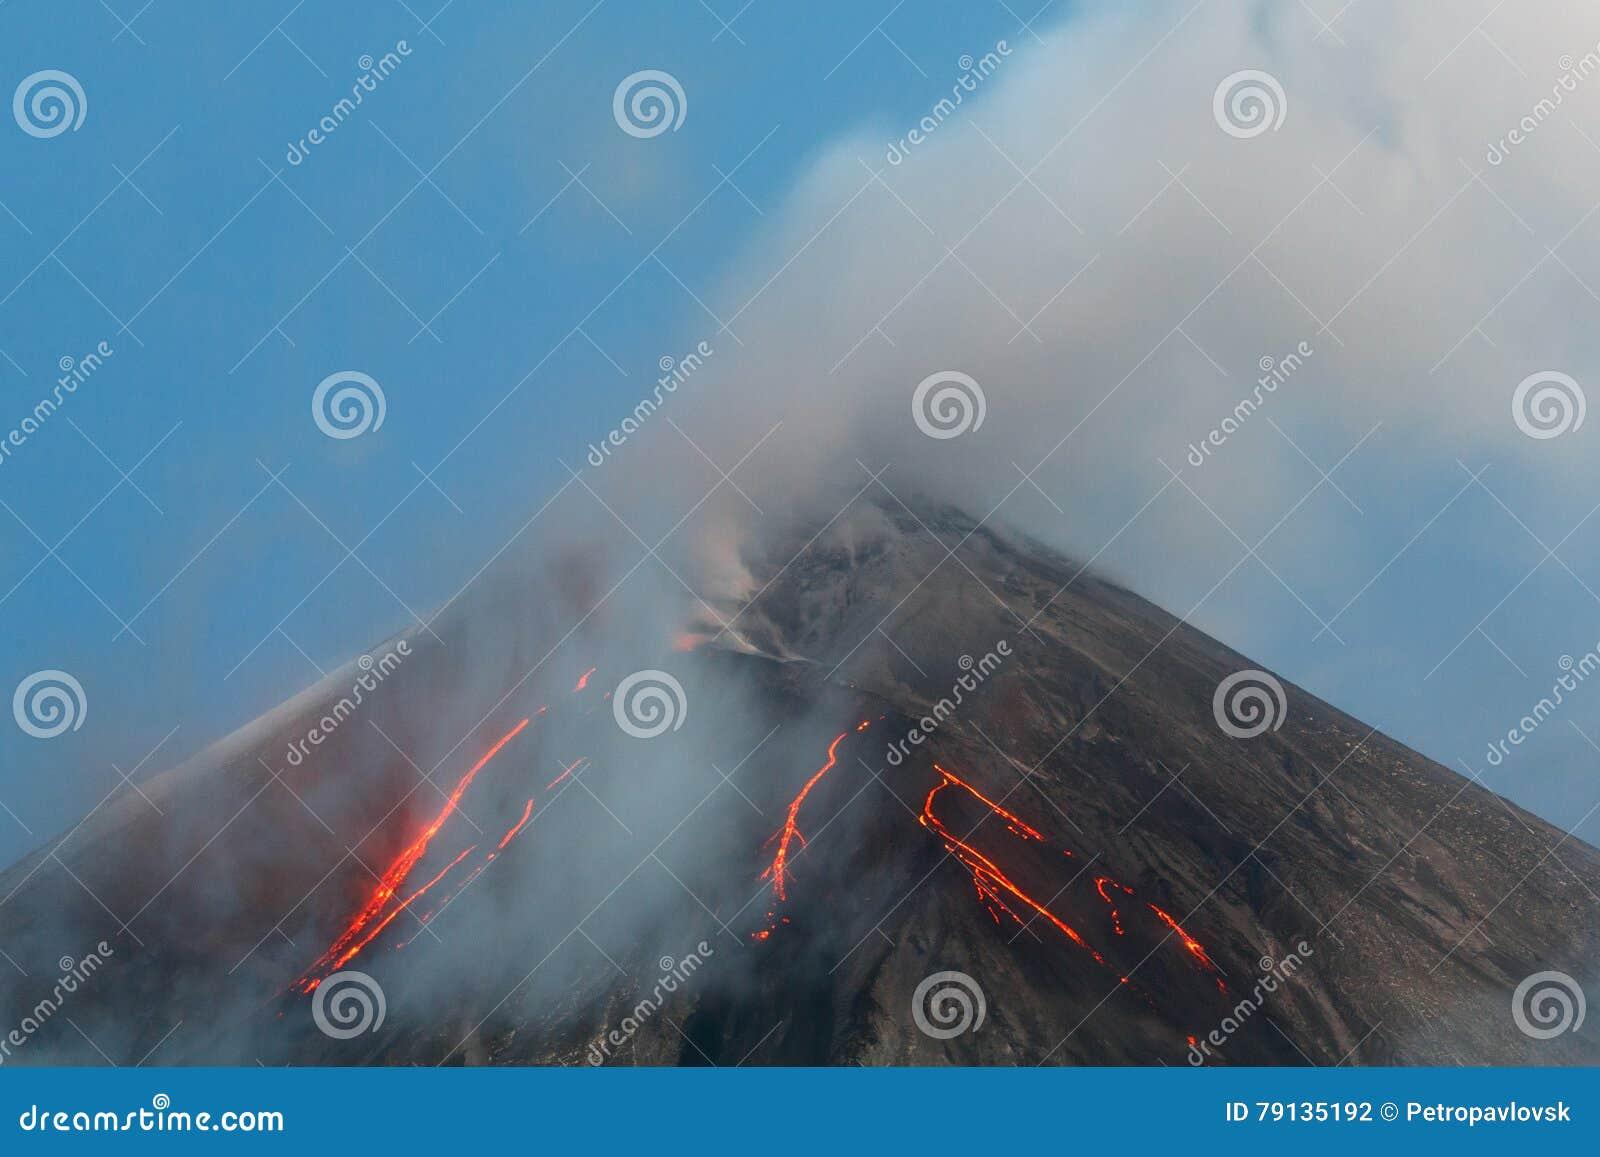 Éruption volcanique - écoulements de lave sur la pente du volcan